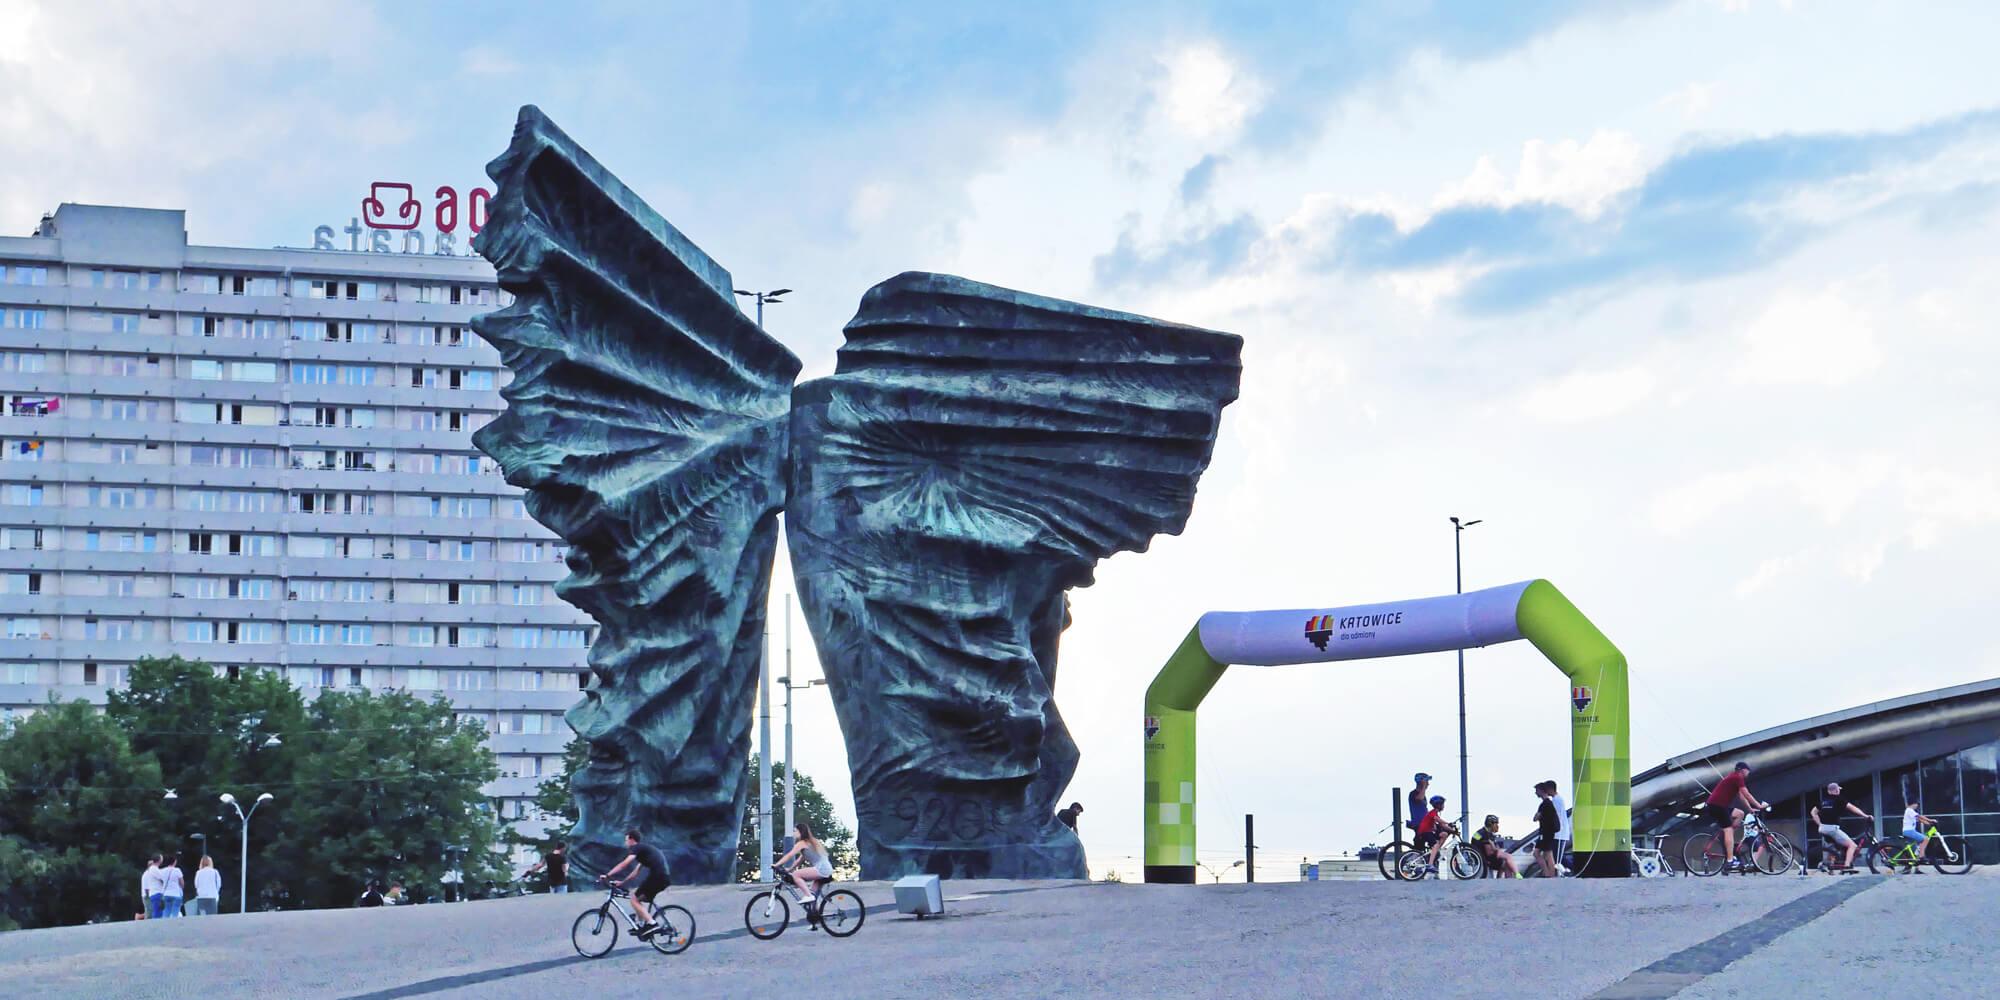 Brama stałociśnieniowa VENTO stoi koło pomnika w Katowicach podczas wyścigu Tour de Pologne